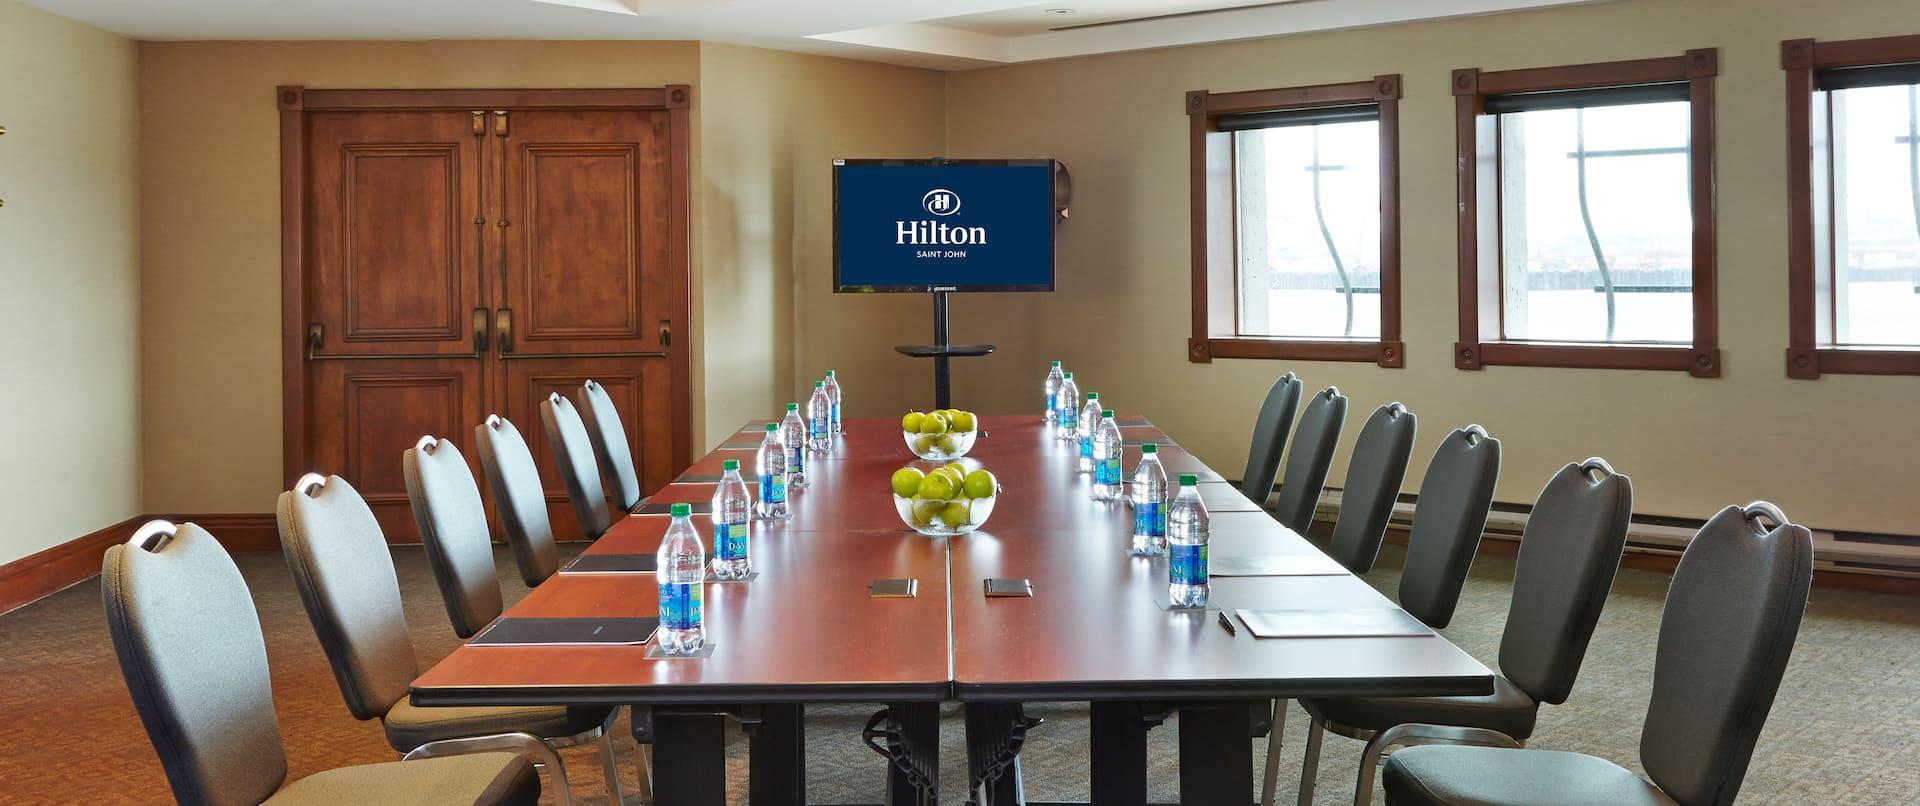 Kings County Meeting Room